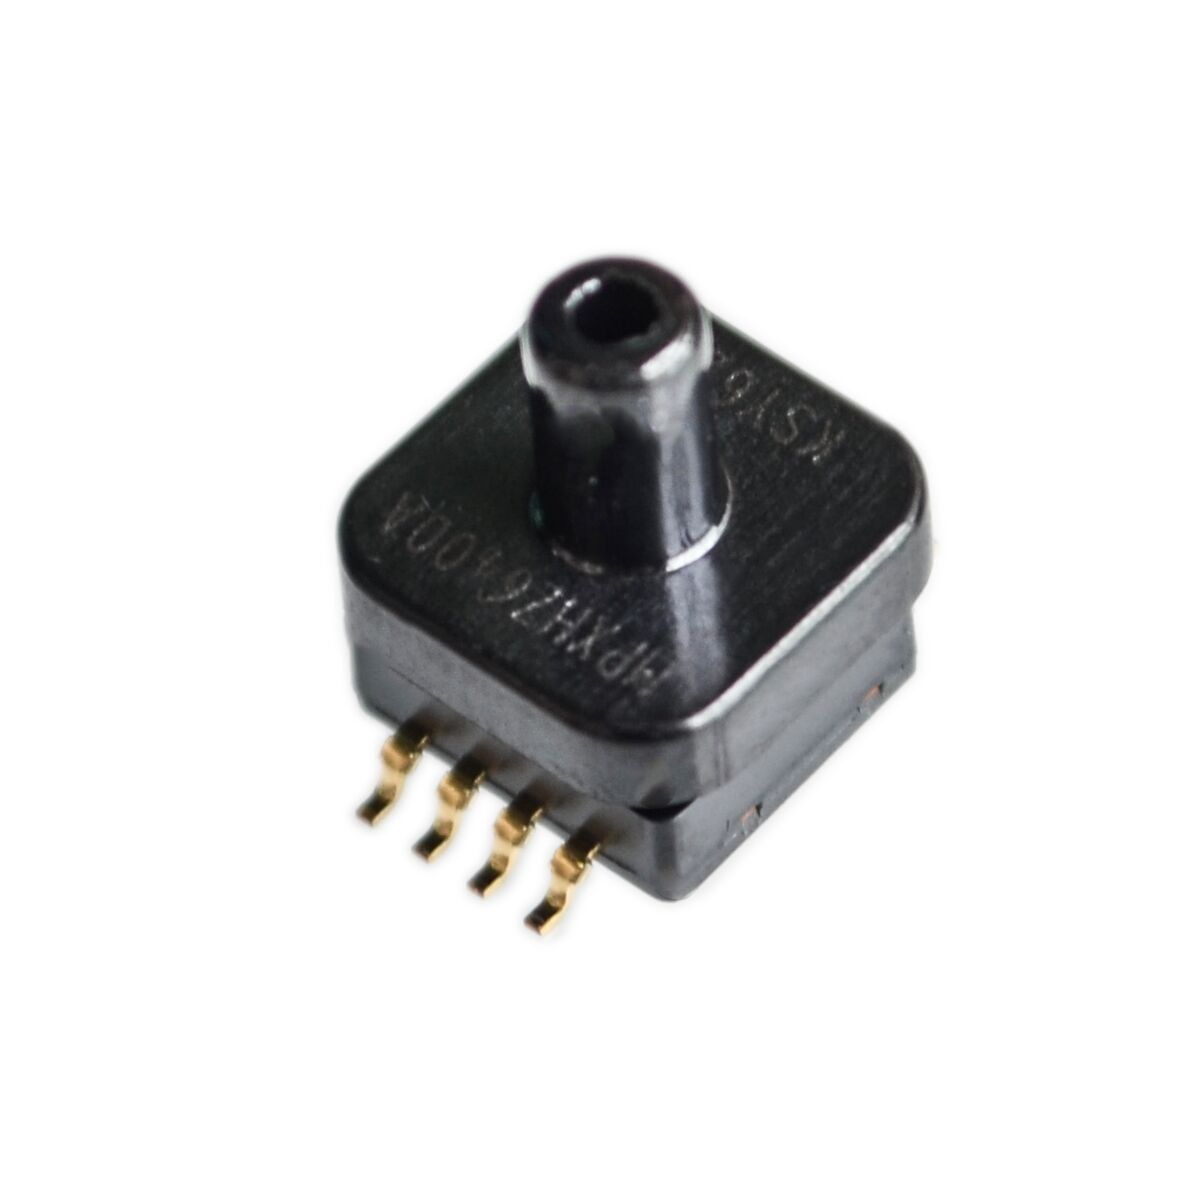 5PCS MPXHZ6400AC6T1 MPXHZ6400A pressure sensor 100% new and original Integrated Circuits5PCS MPXHZ6400AC6T1 MPXHZ6400A pressure sensor 100% new and original Integrated Circuits